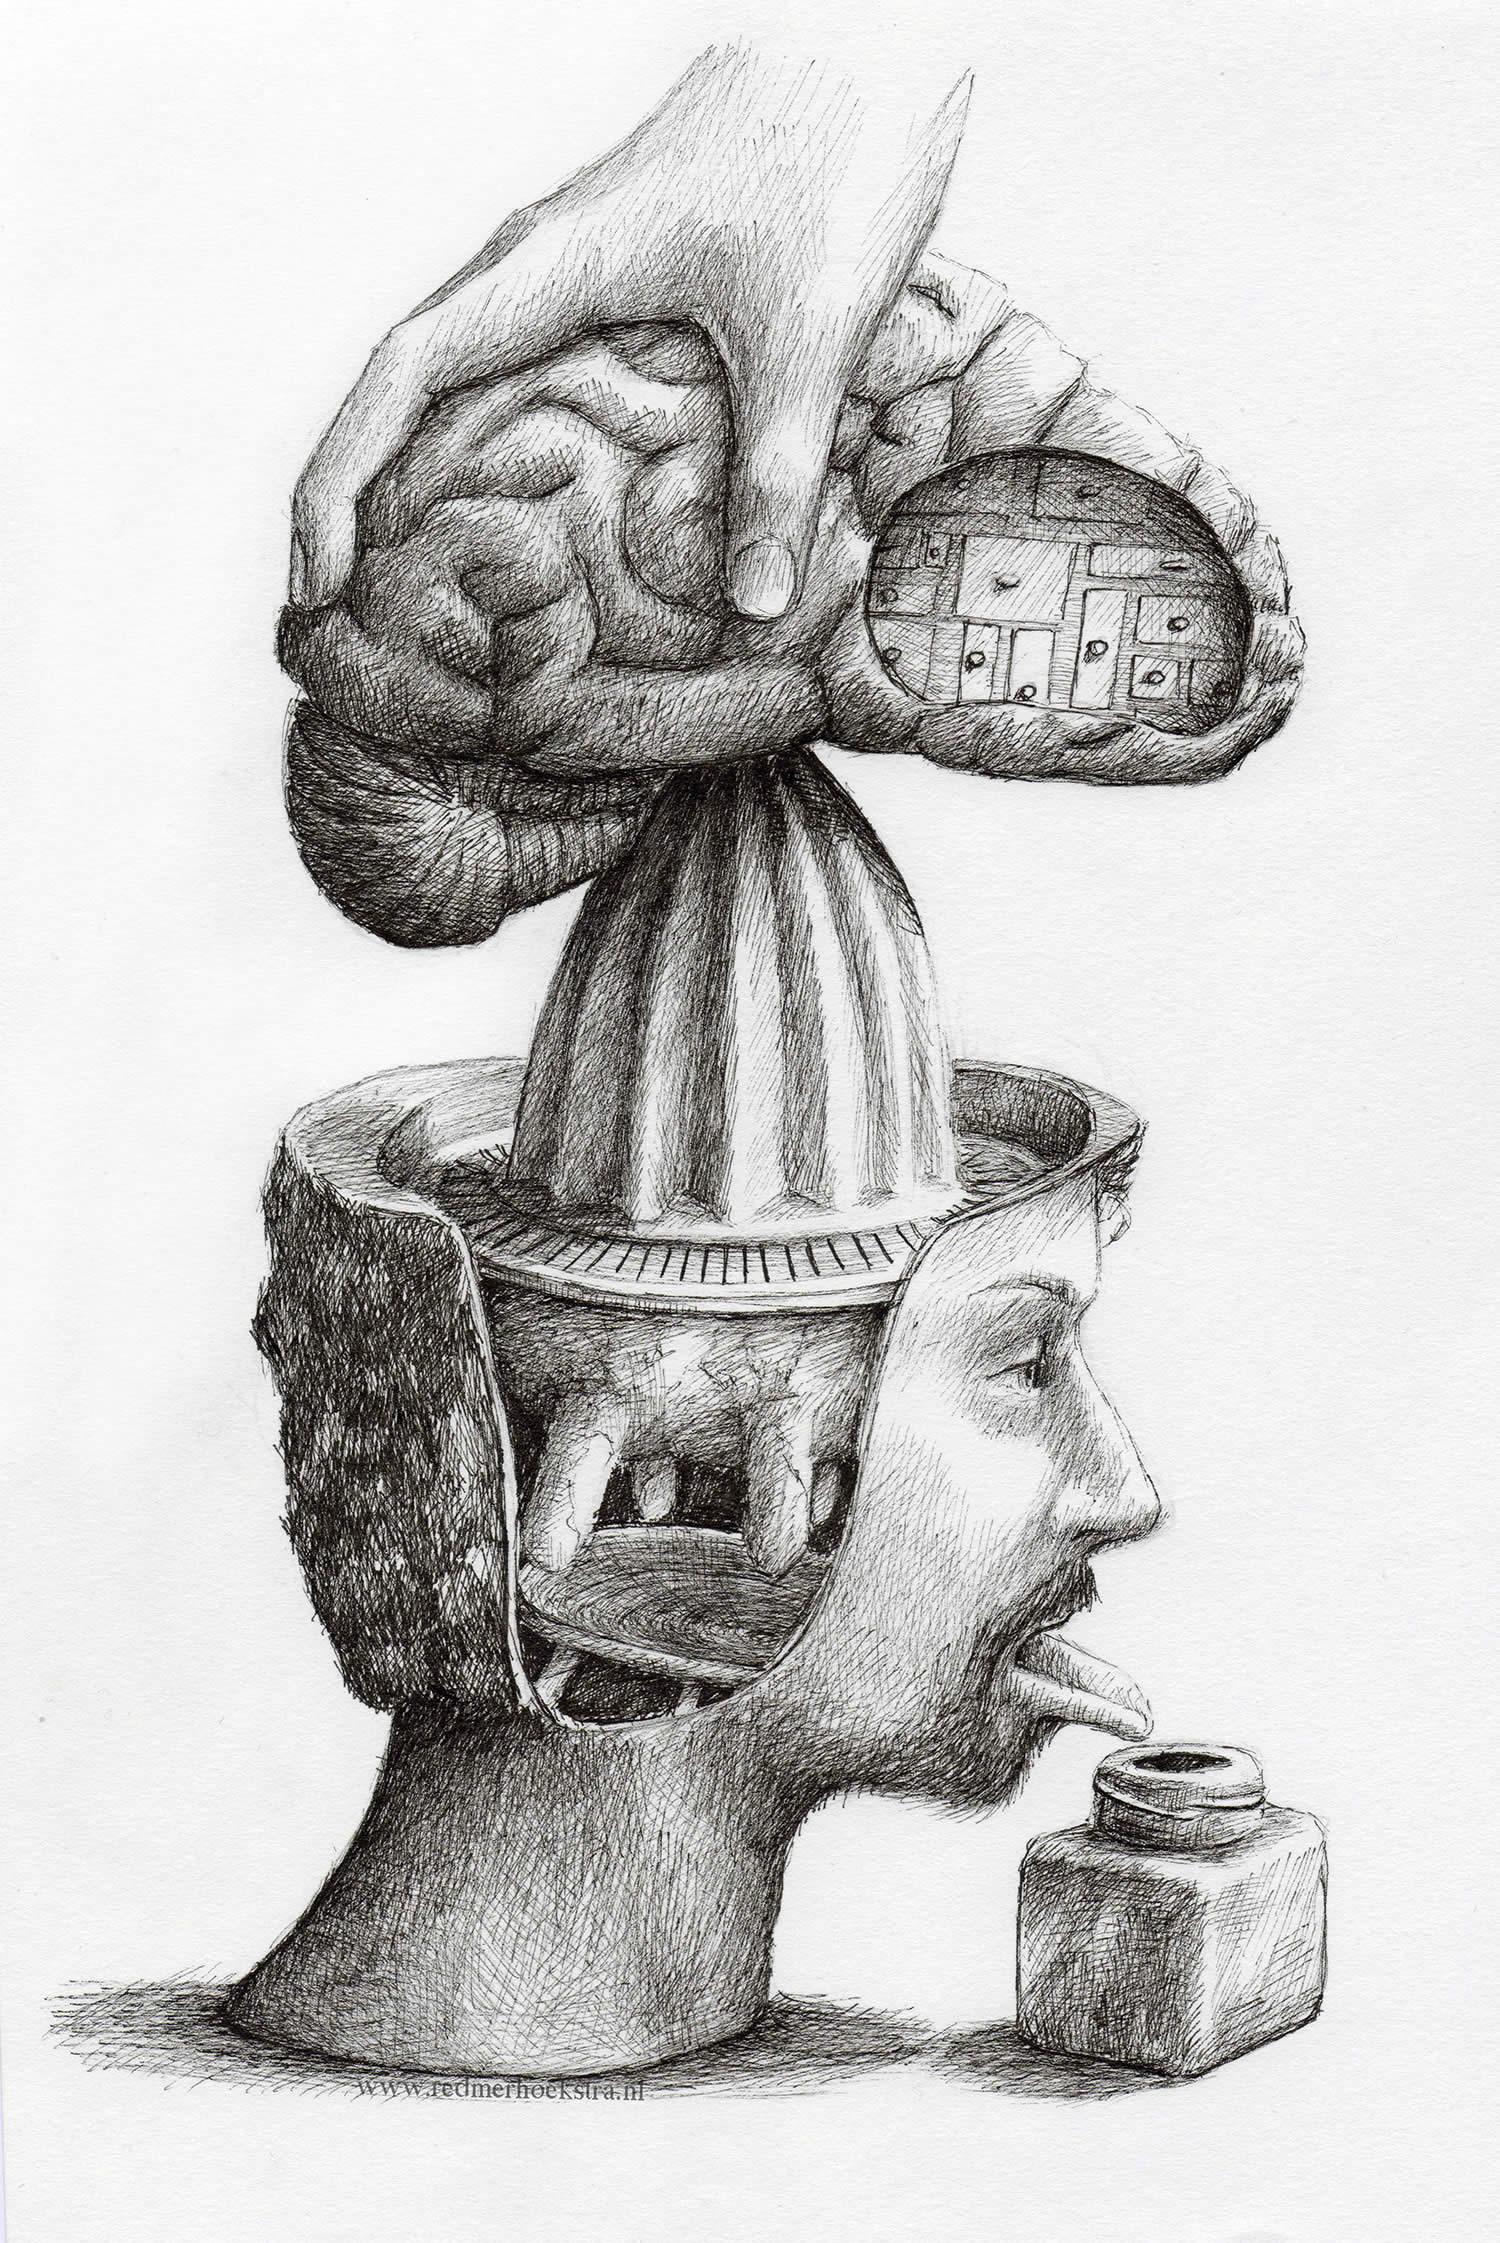 orange juice squeezer for man's brain, by redmer hoekstra